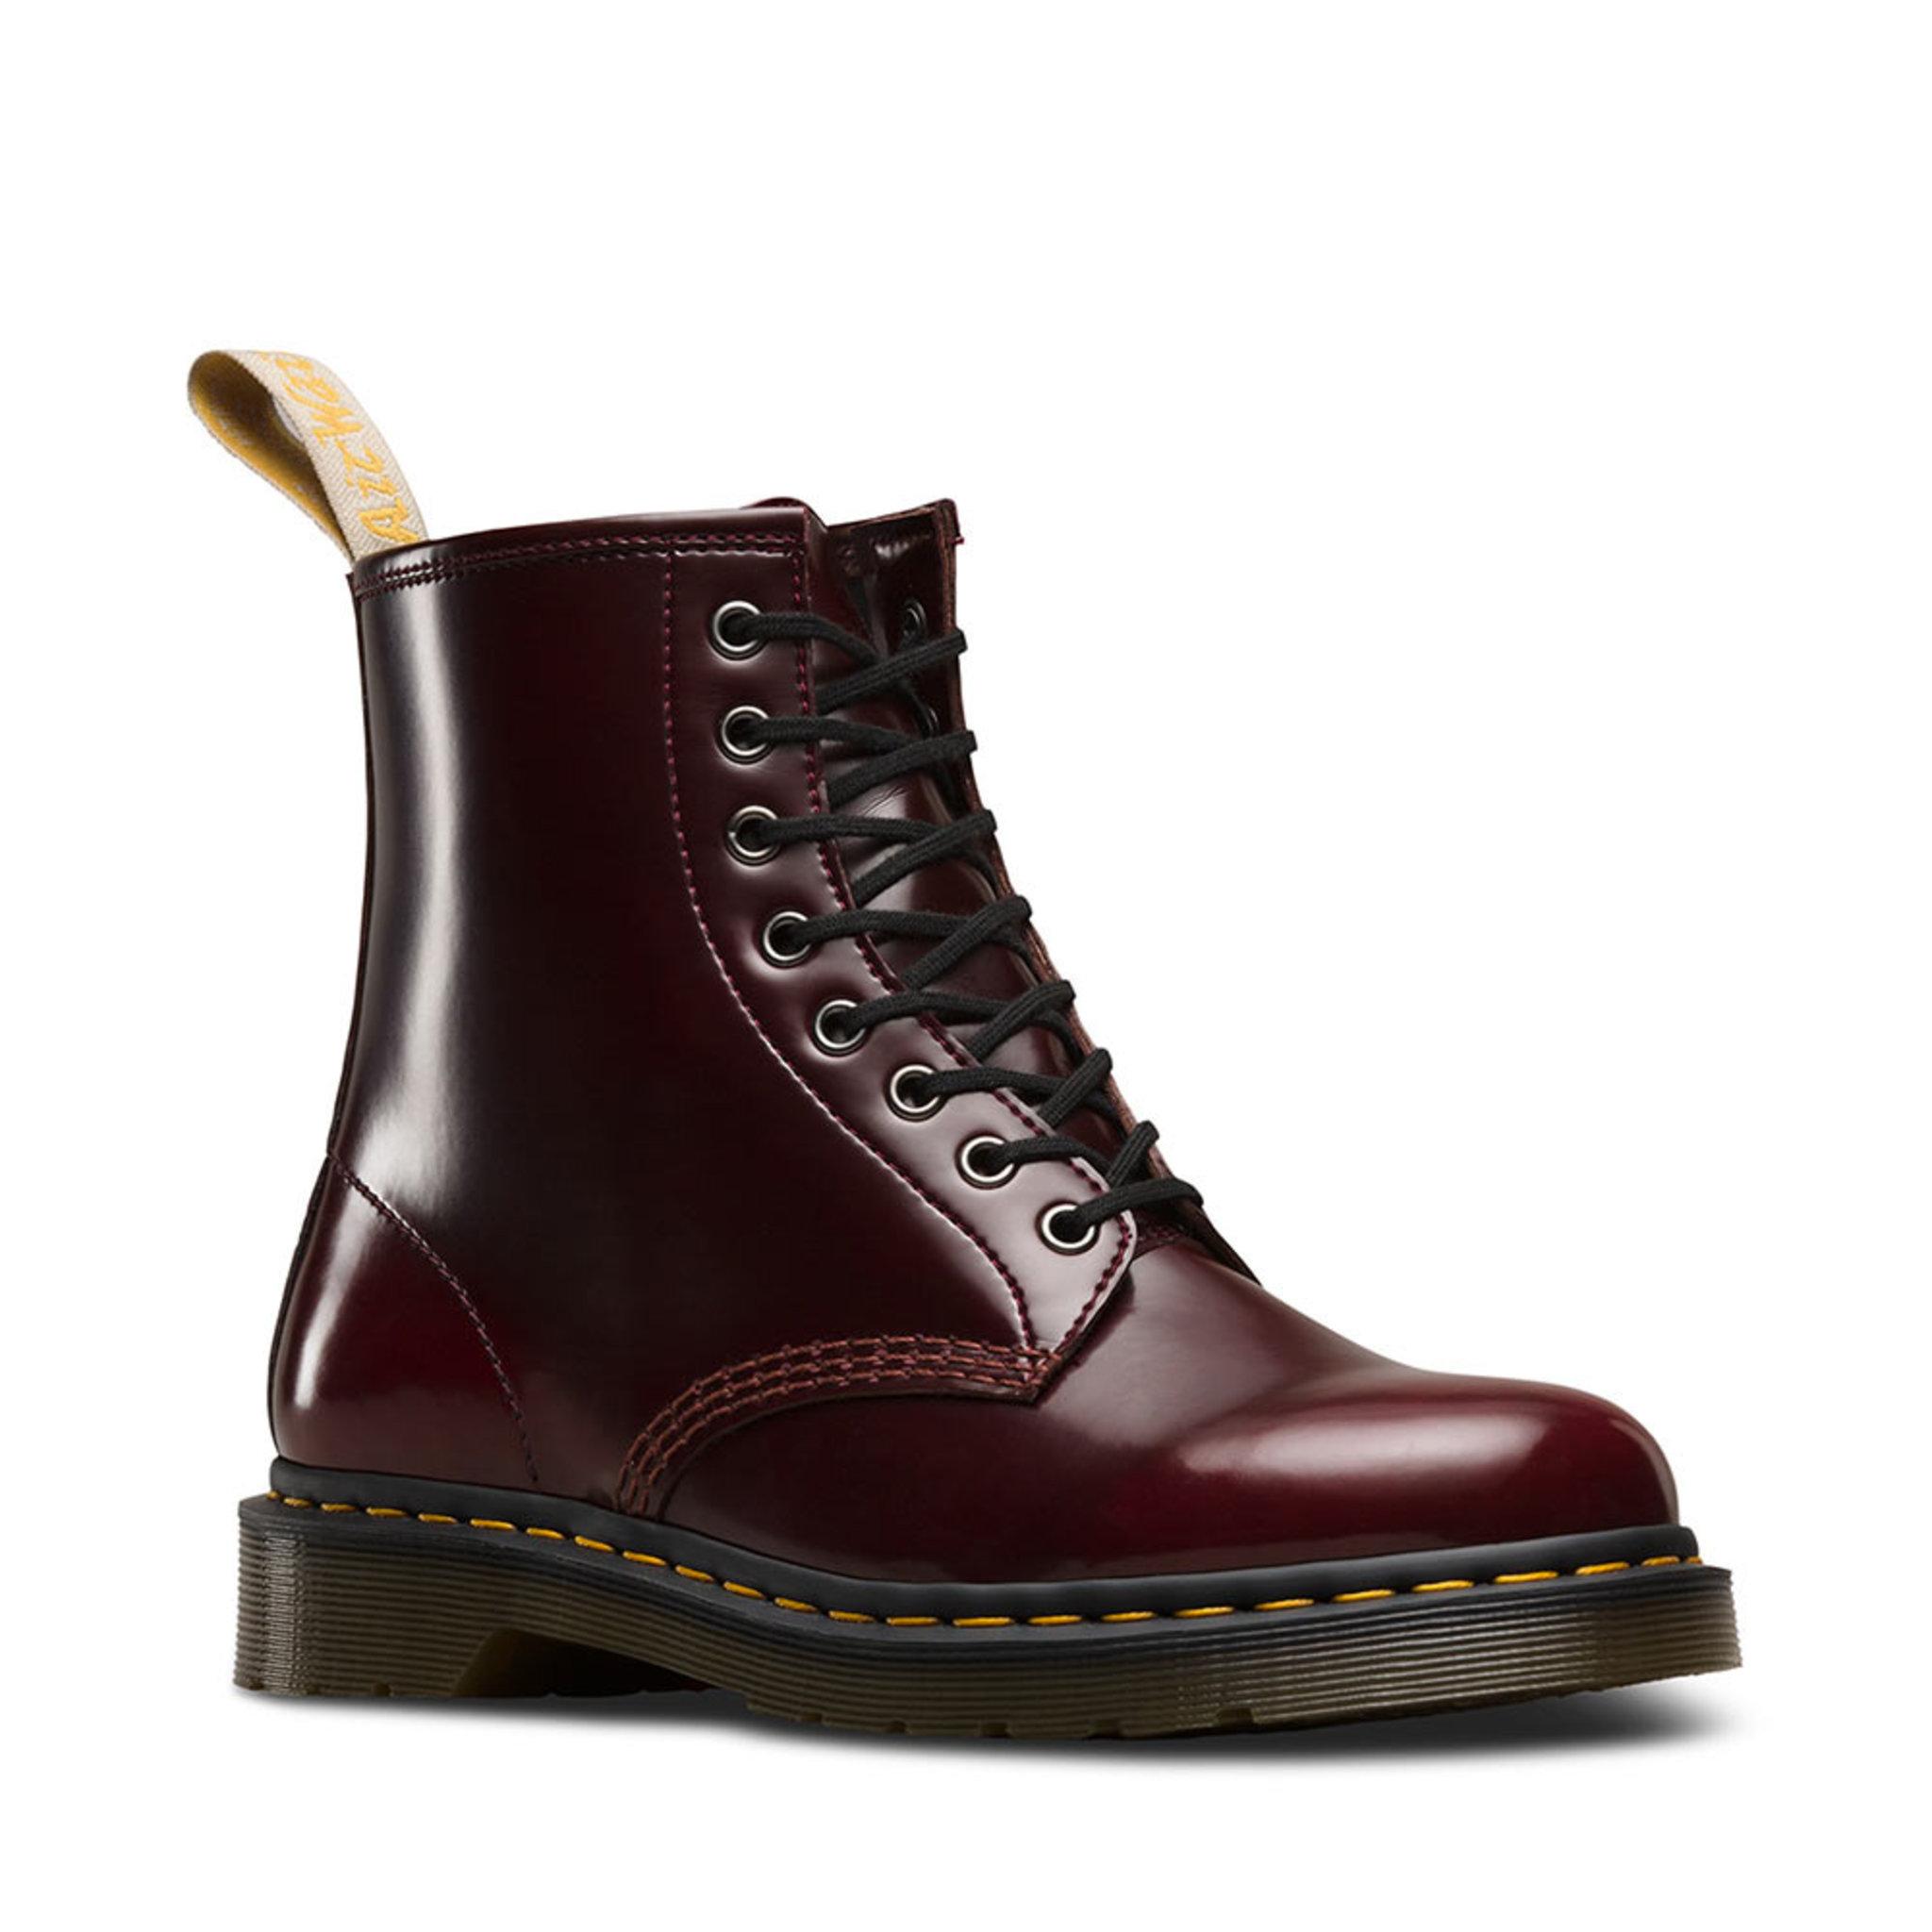 1460 Vegan - Stövlar   boots - Köp online på åhlens.se! 82dcf7588f6ac